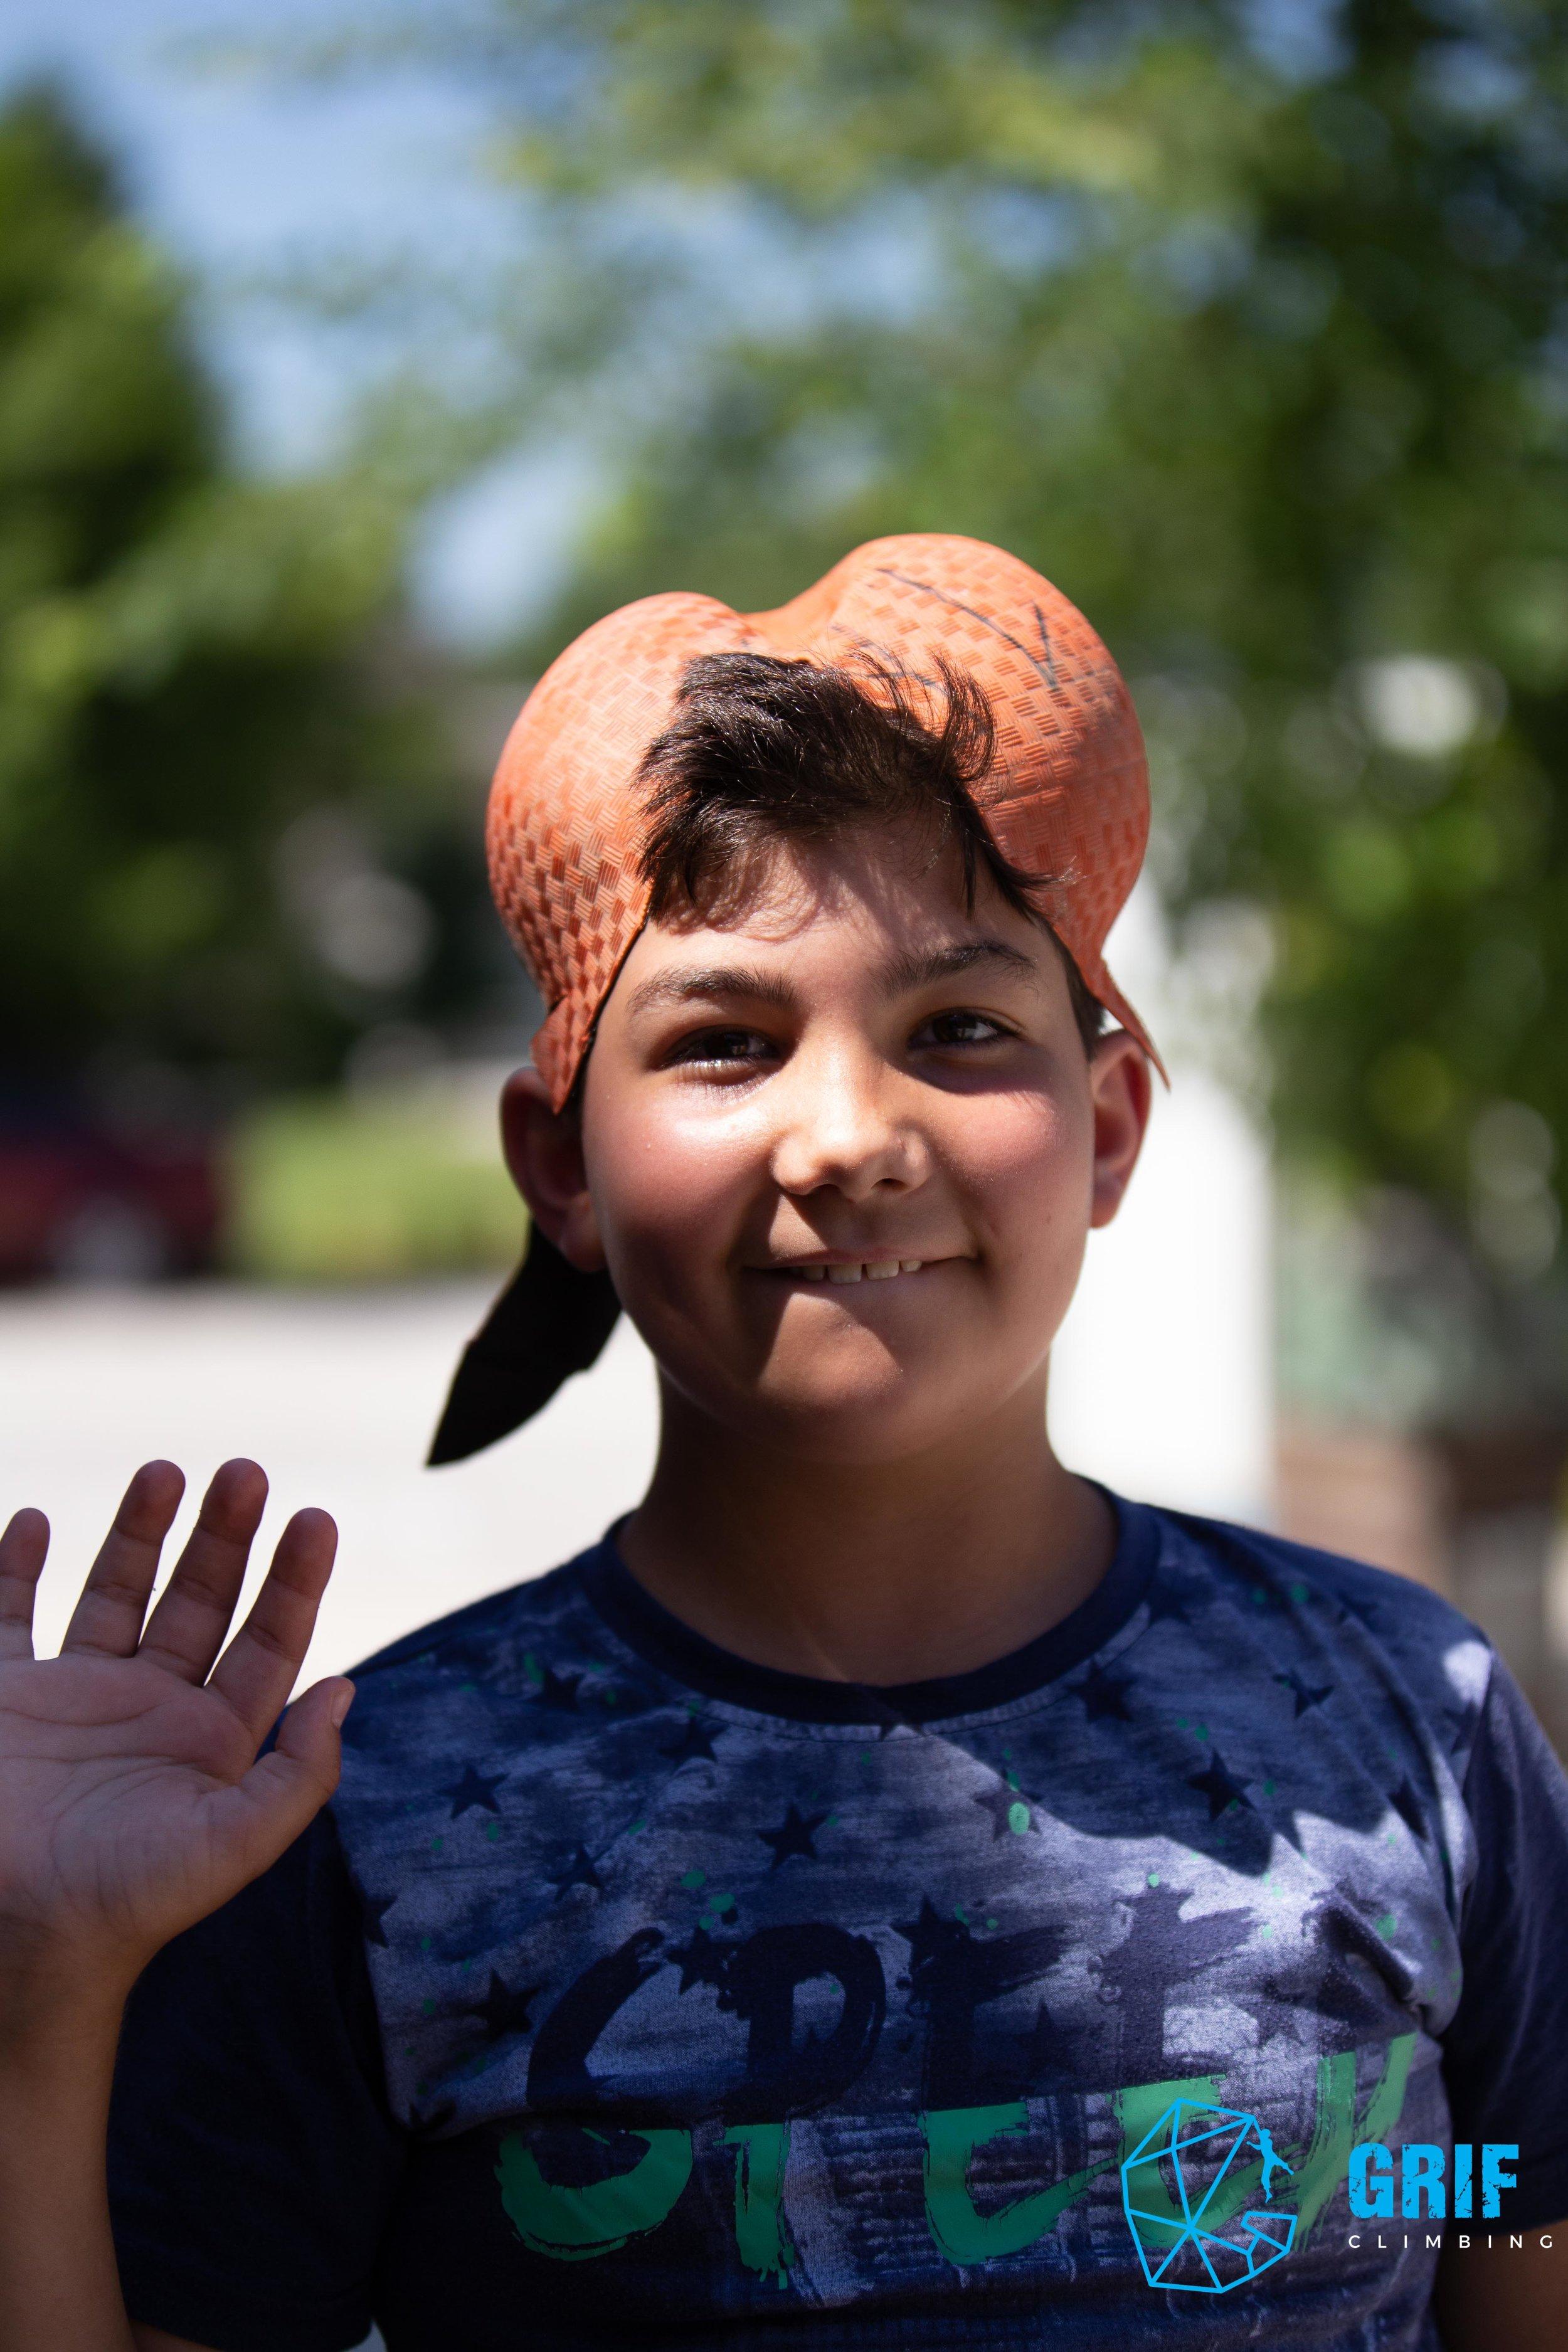 Aktivno počitniško varstvo za otroke Plezalno društvo Grif8.jpg